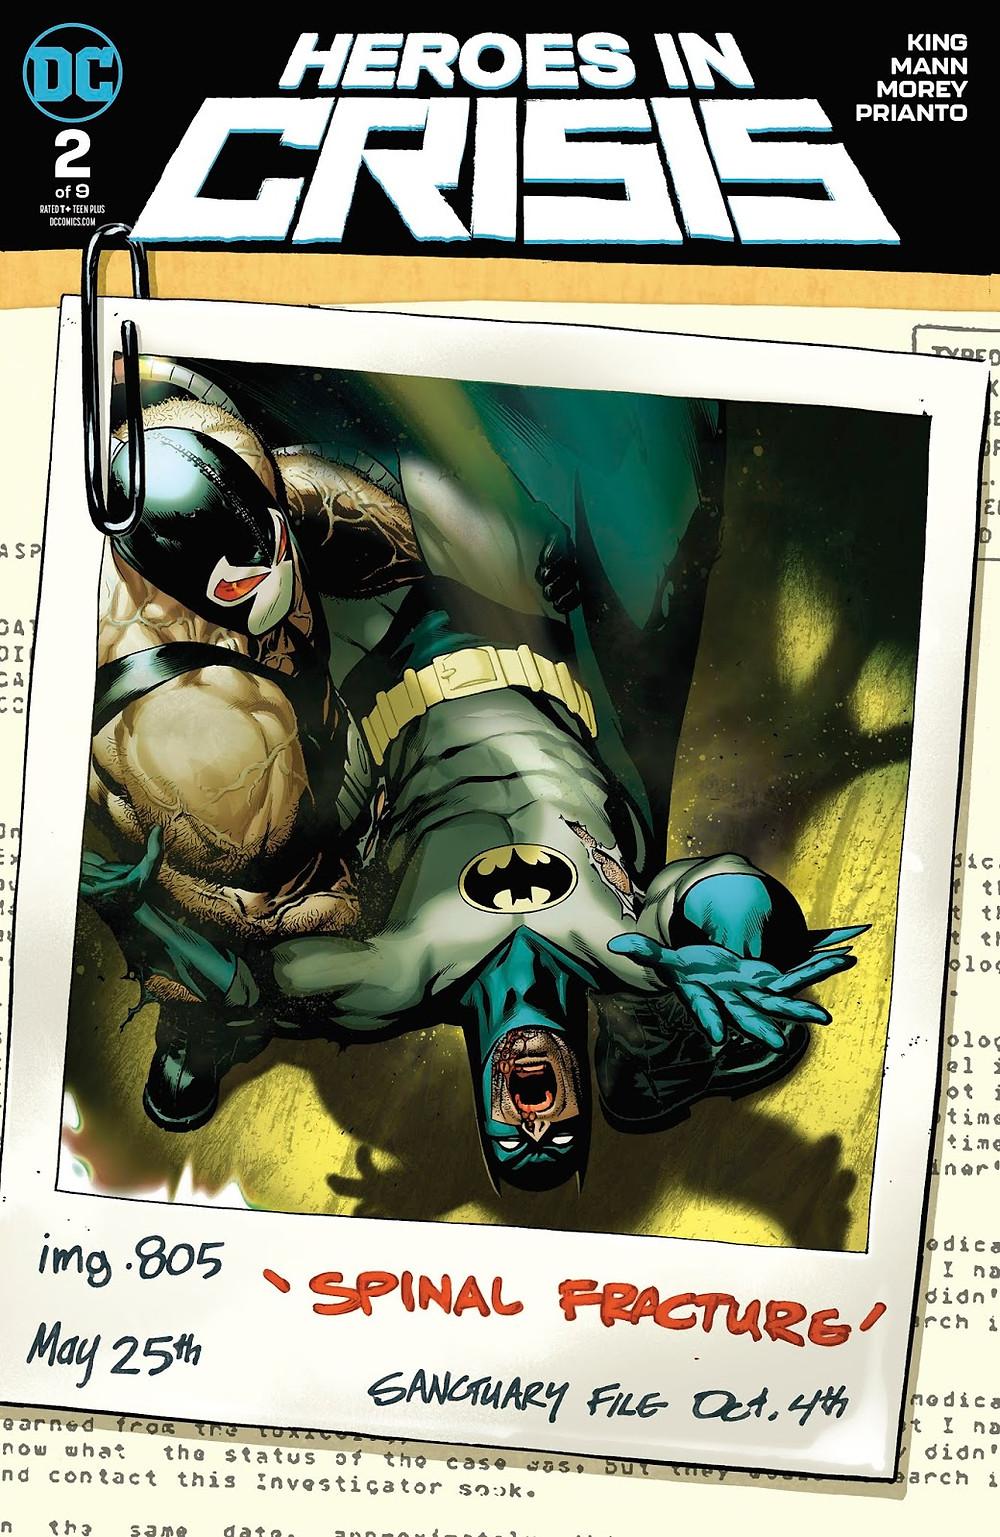 Heroes in Crisis Variant Cover by Ryan Sook